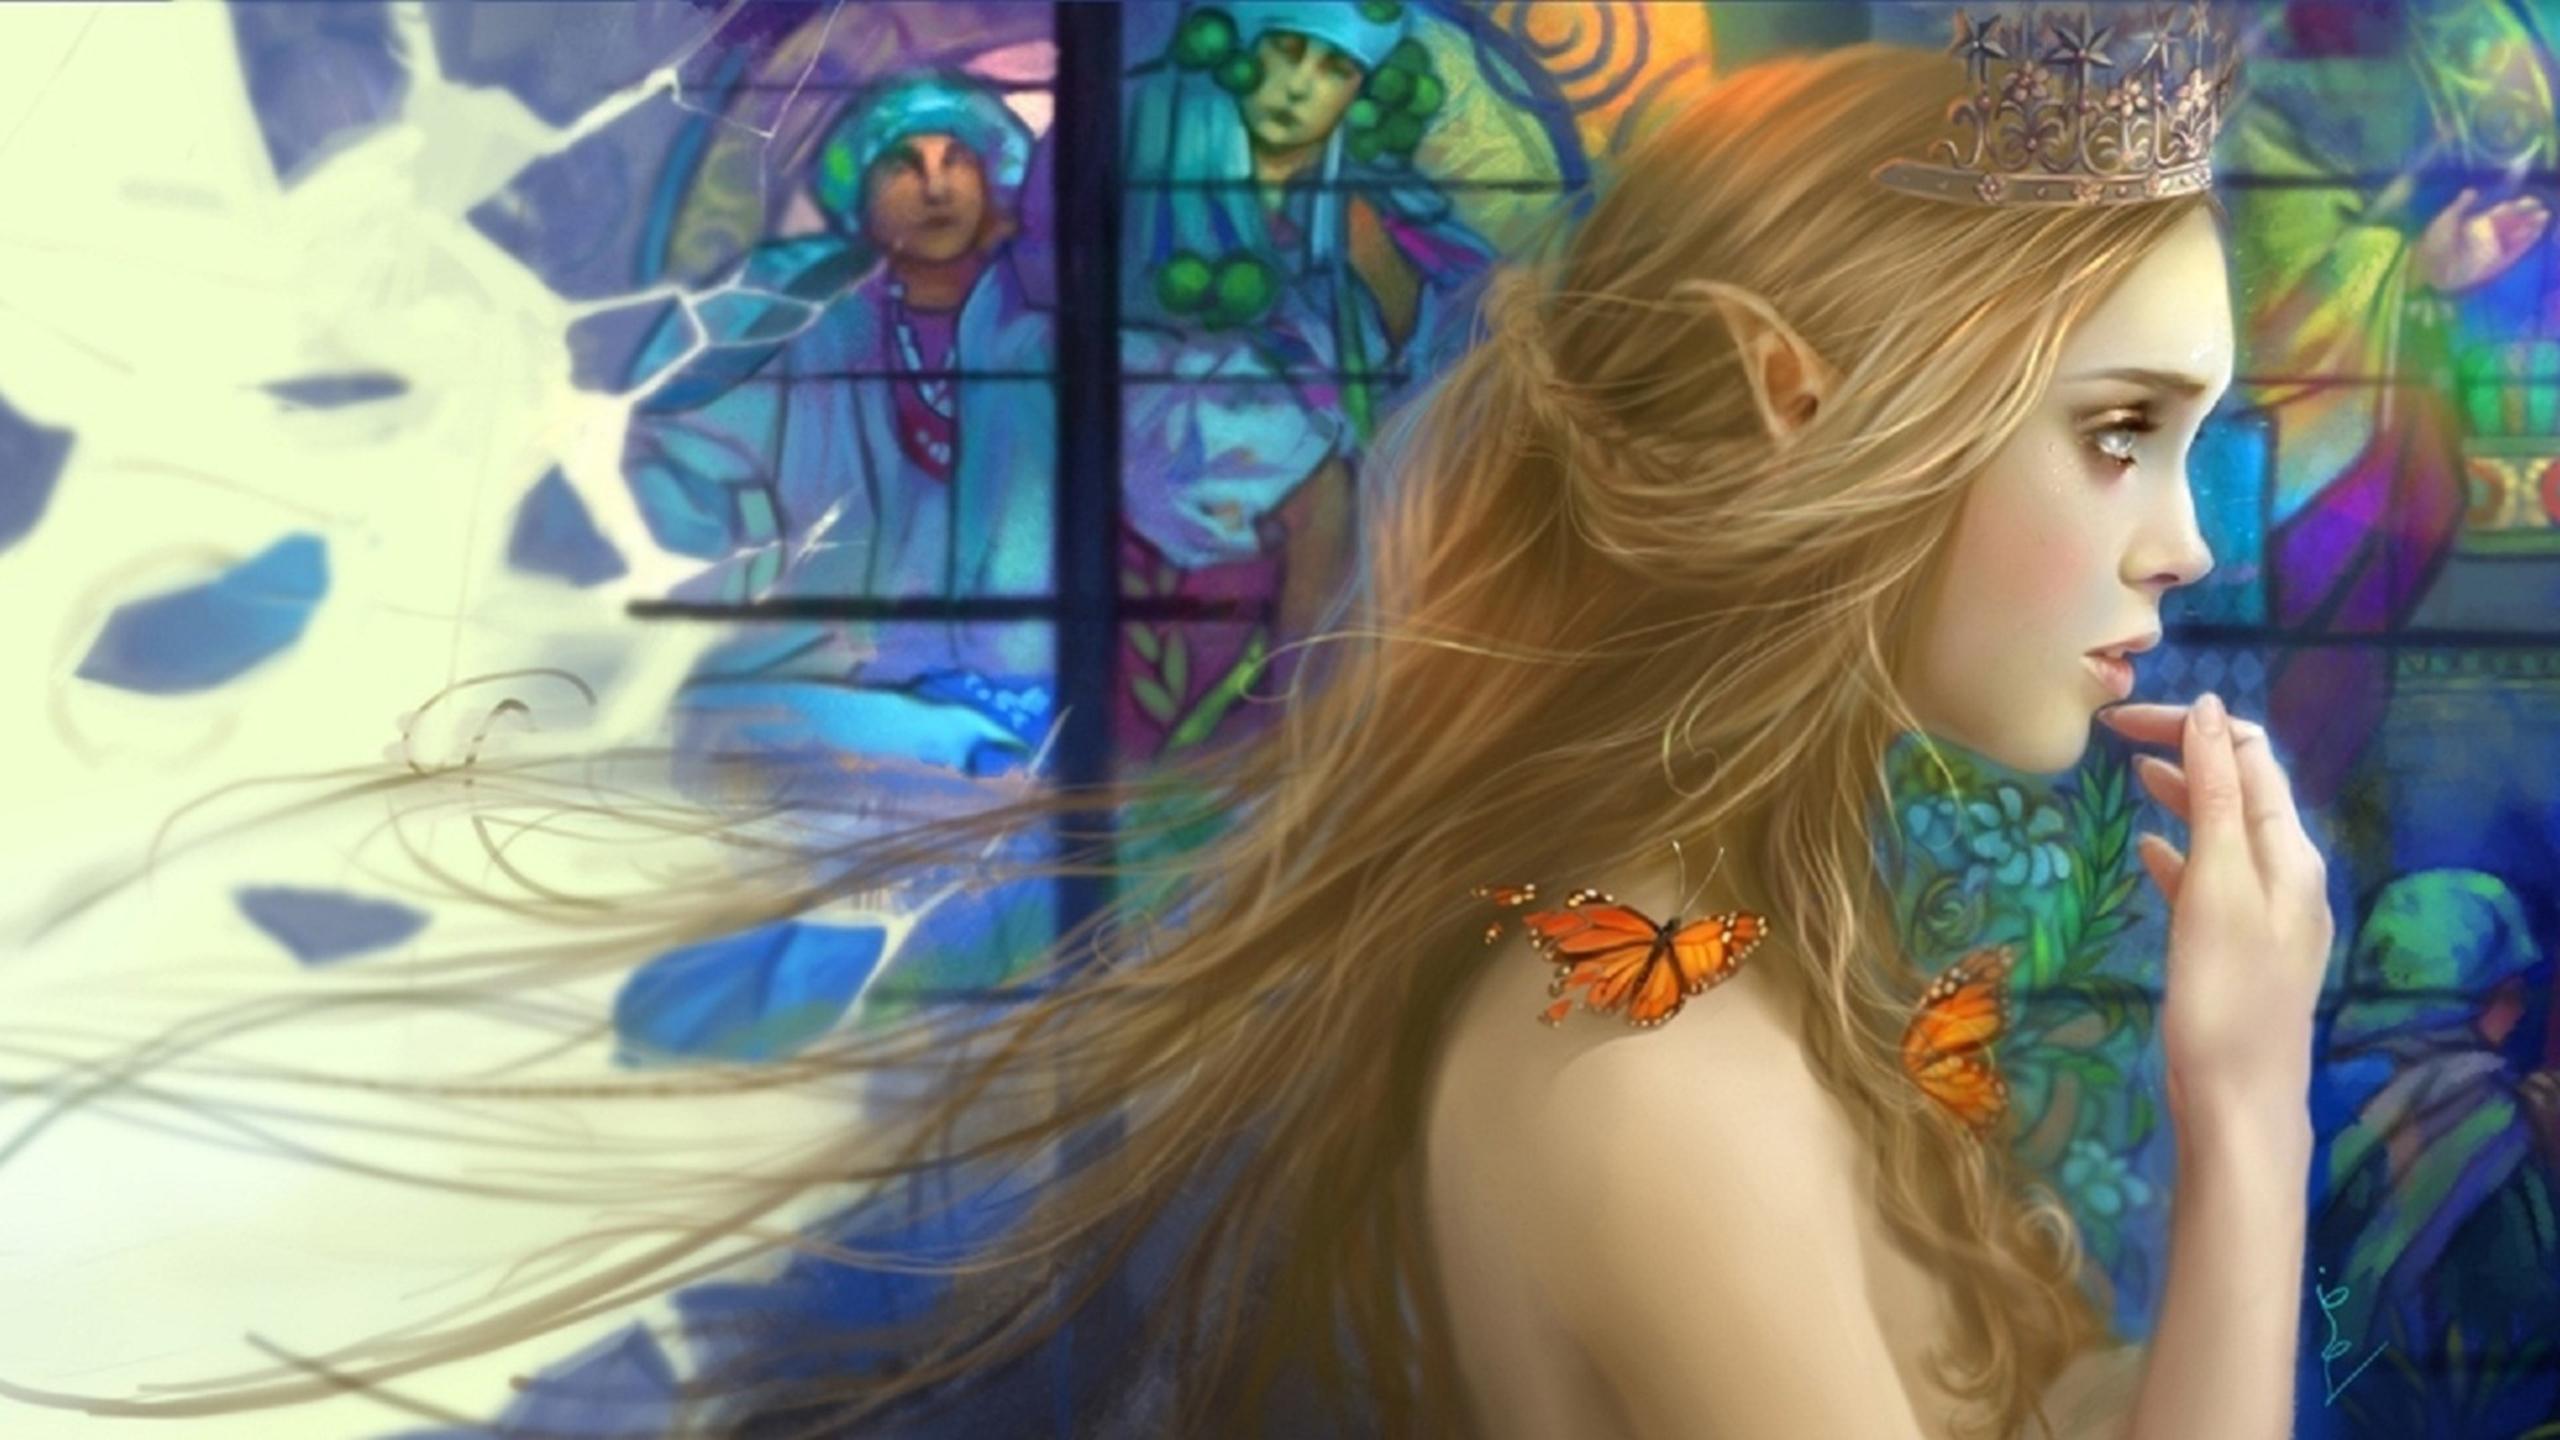 Fantaisie - Elfe  Fantaisie Princess Papillon Crown Fond d'écran